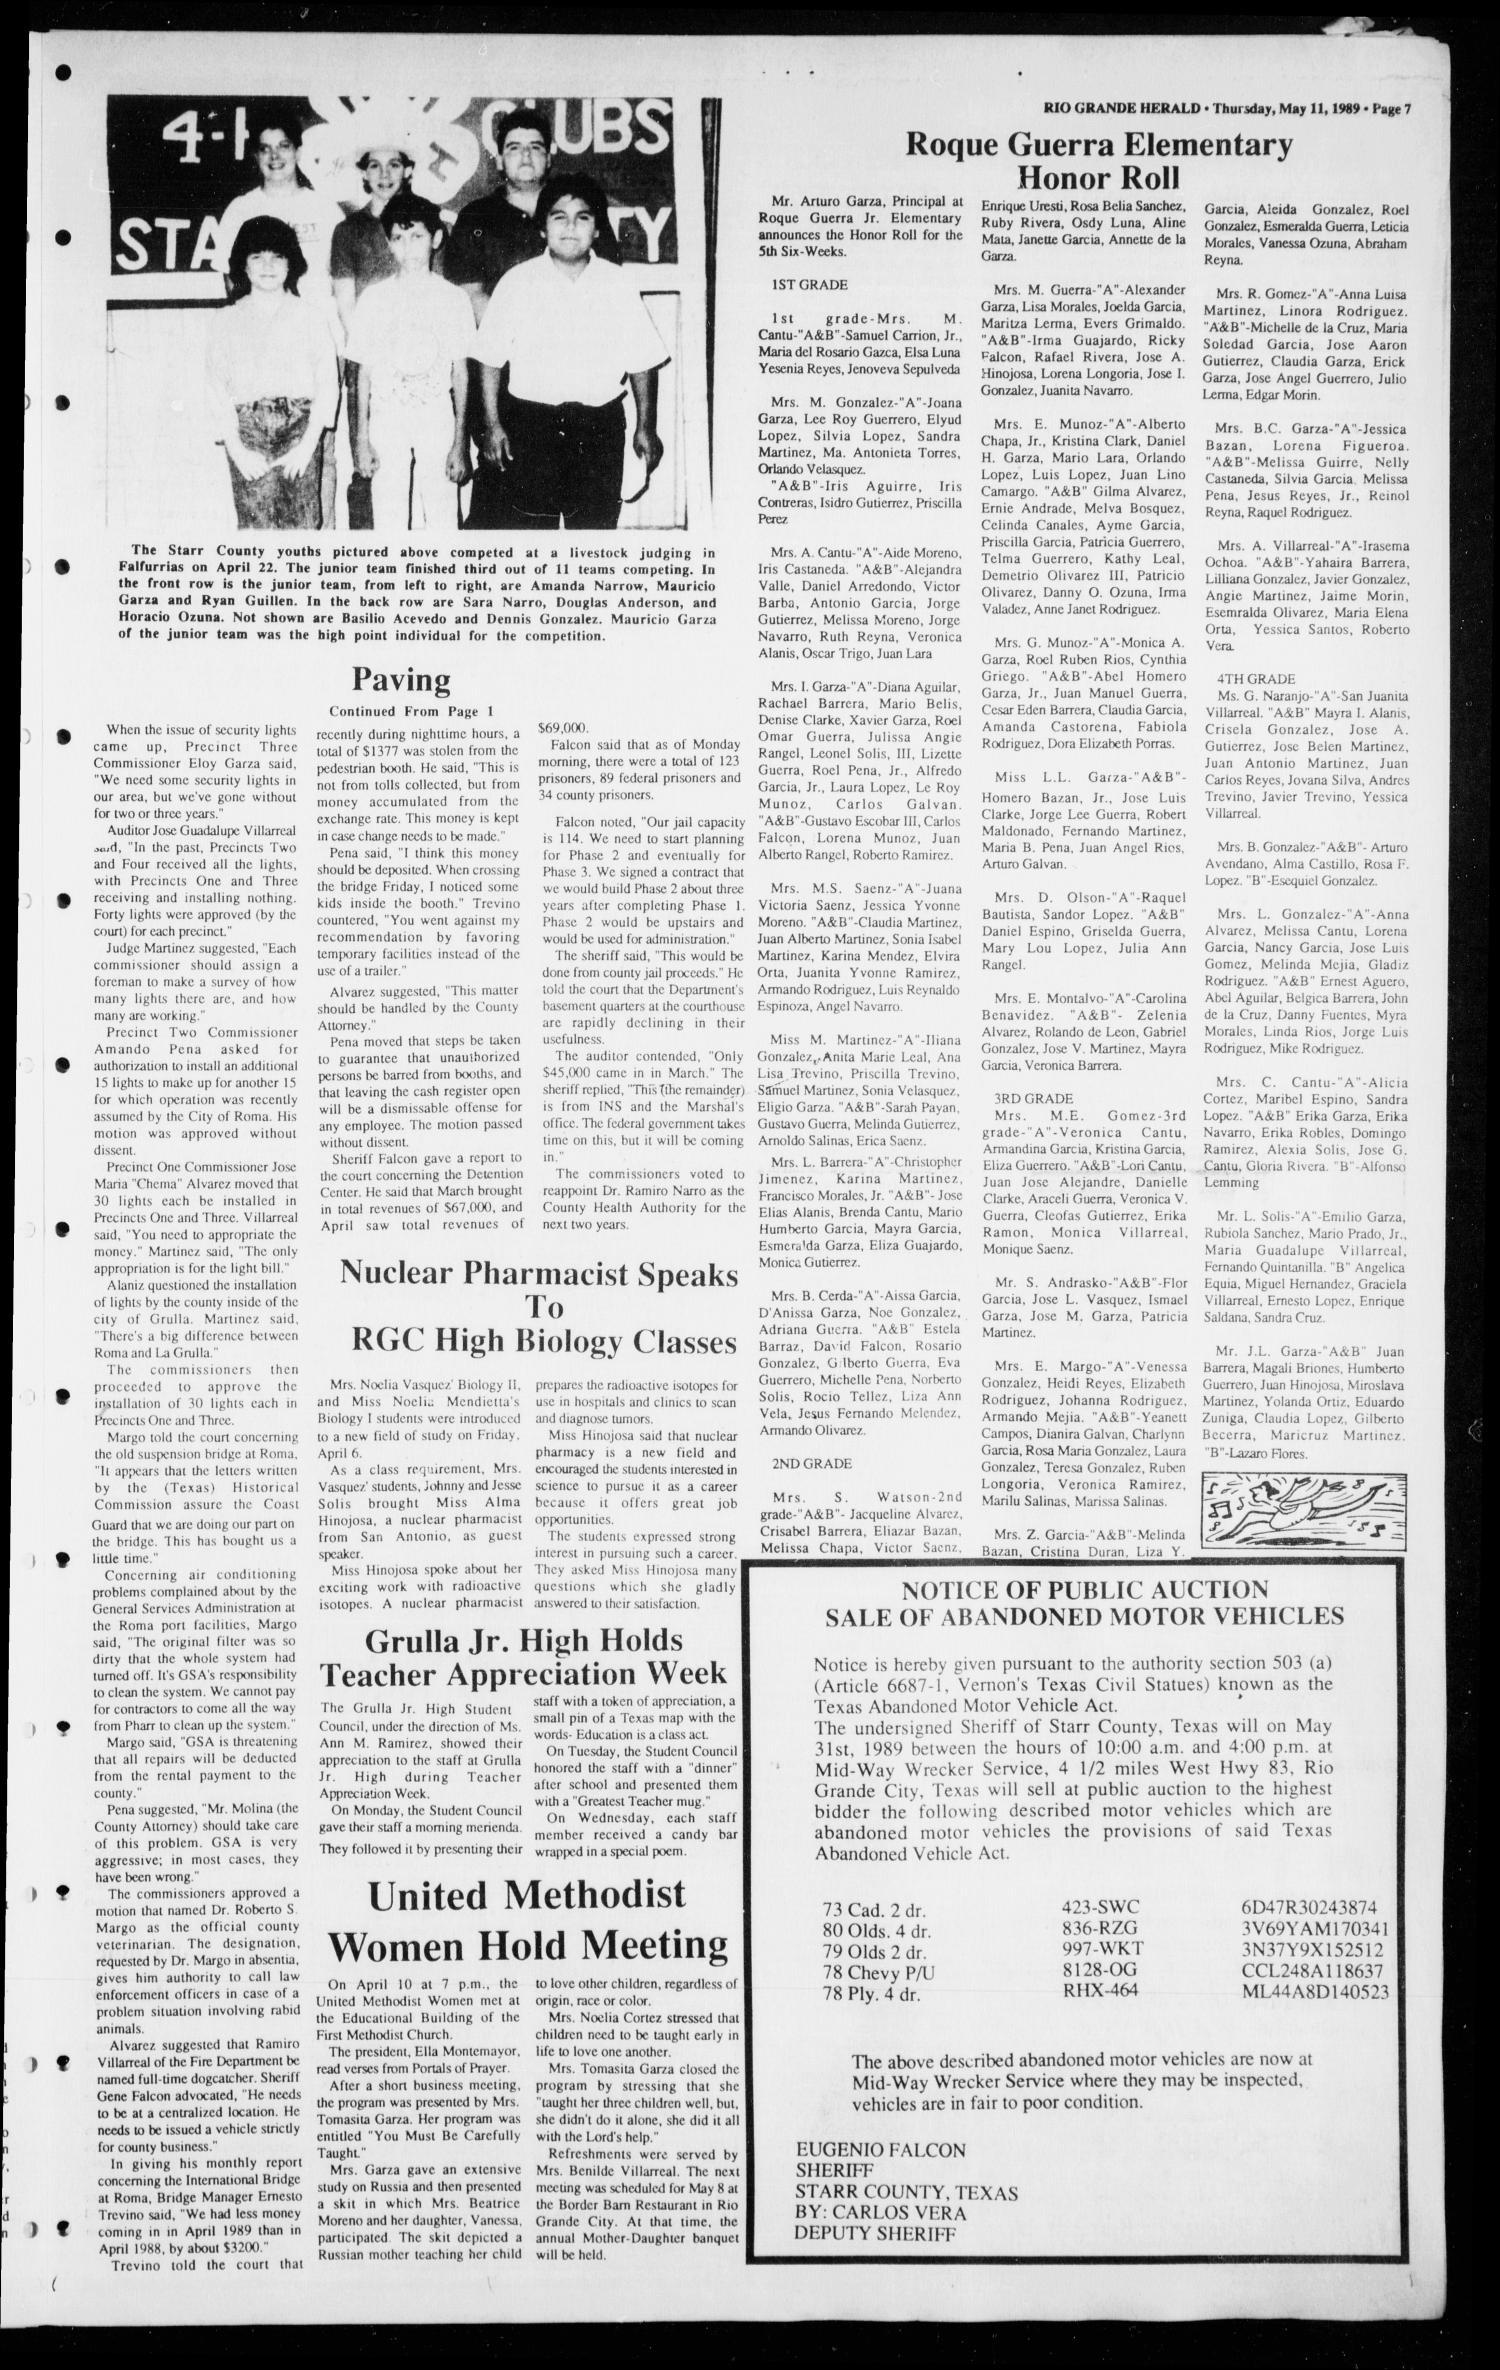 The Rio Grande Herald (Rio Grande City, Tex ), Vol  79, No